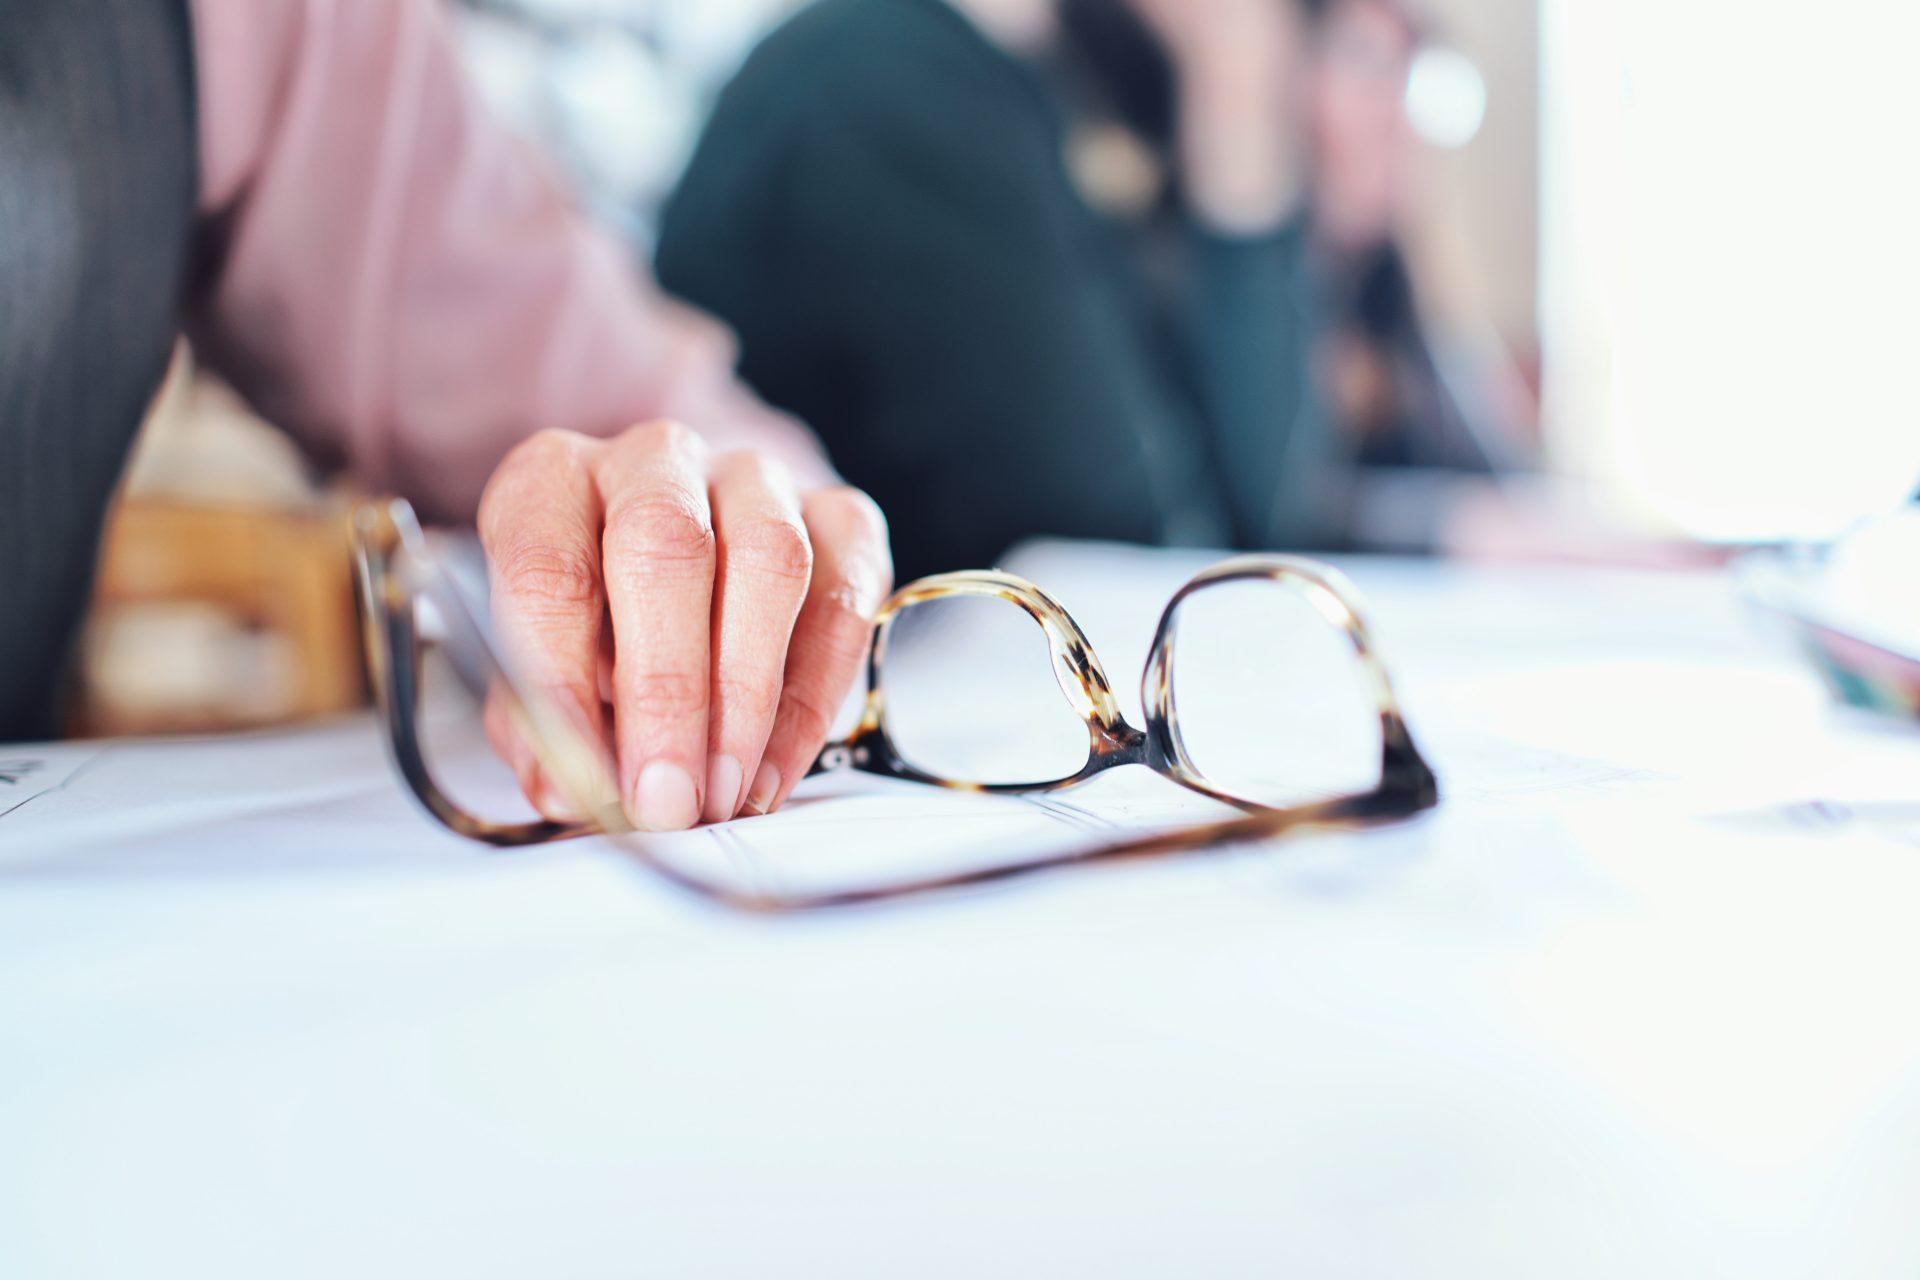 High Fashion Neues Produkt klassischer Chic Durch eine Gleitsichtbrille die Altersweitsicht in den Griff ...